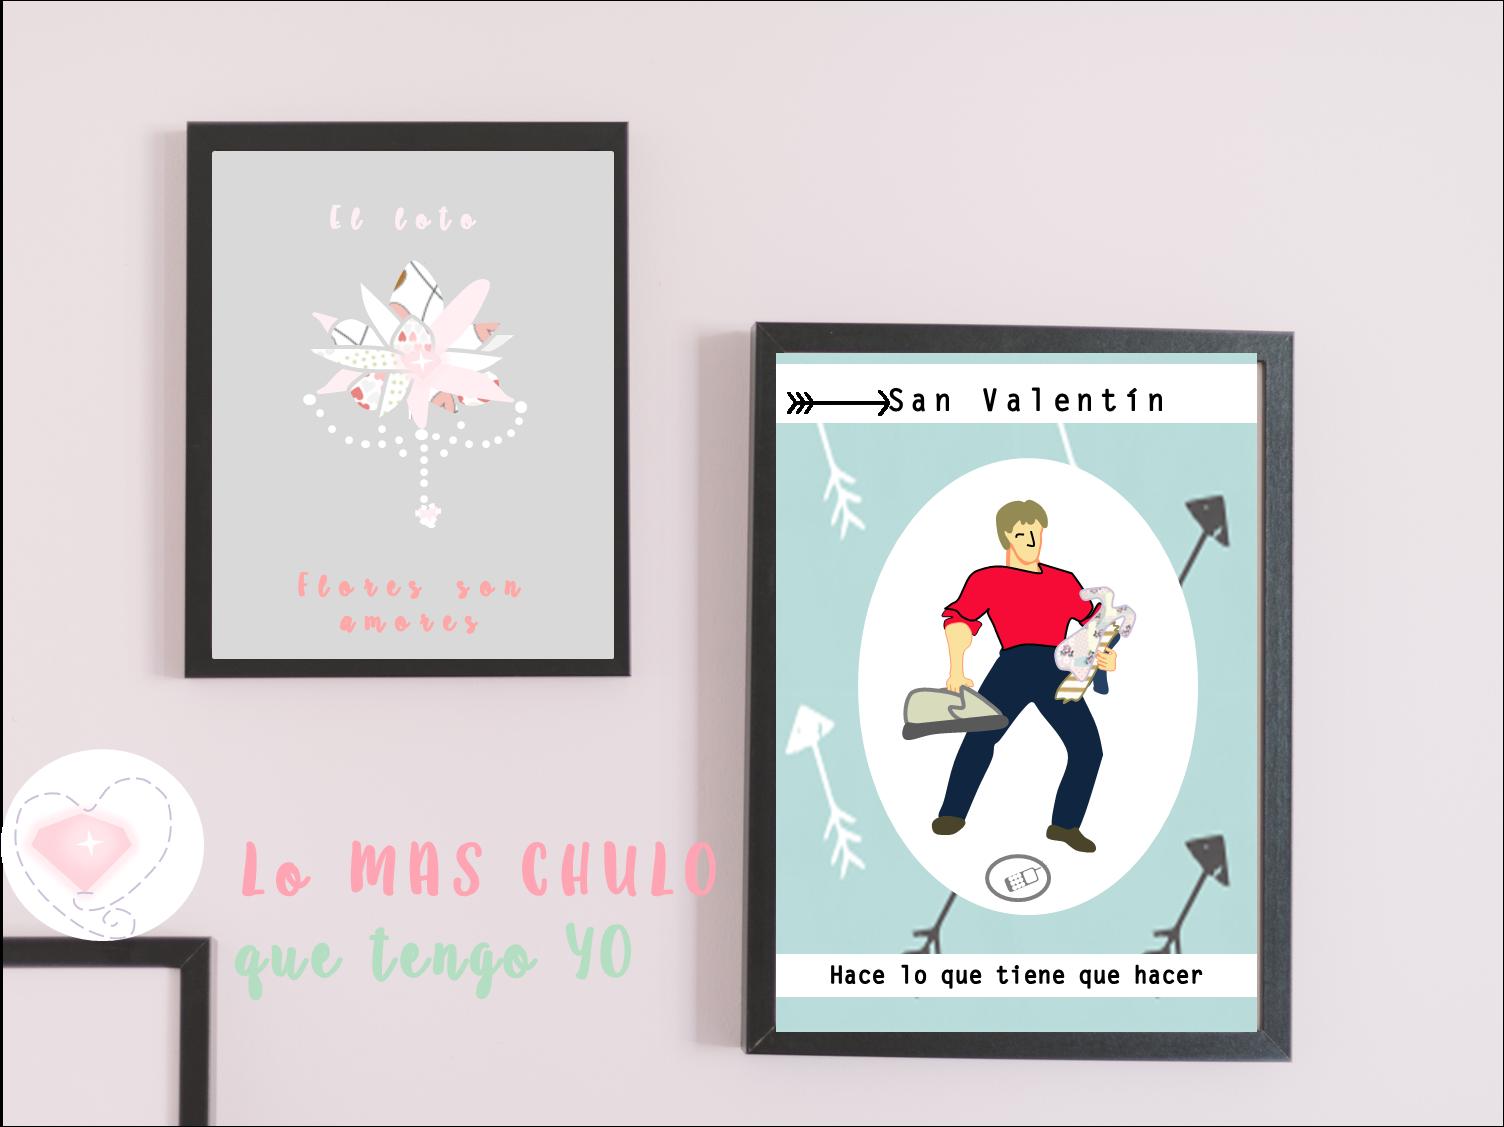 ilustraciones originales san valentin